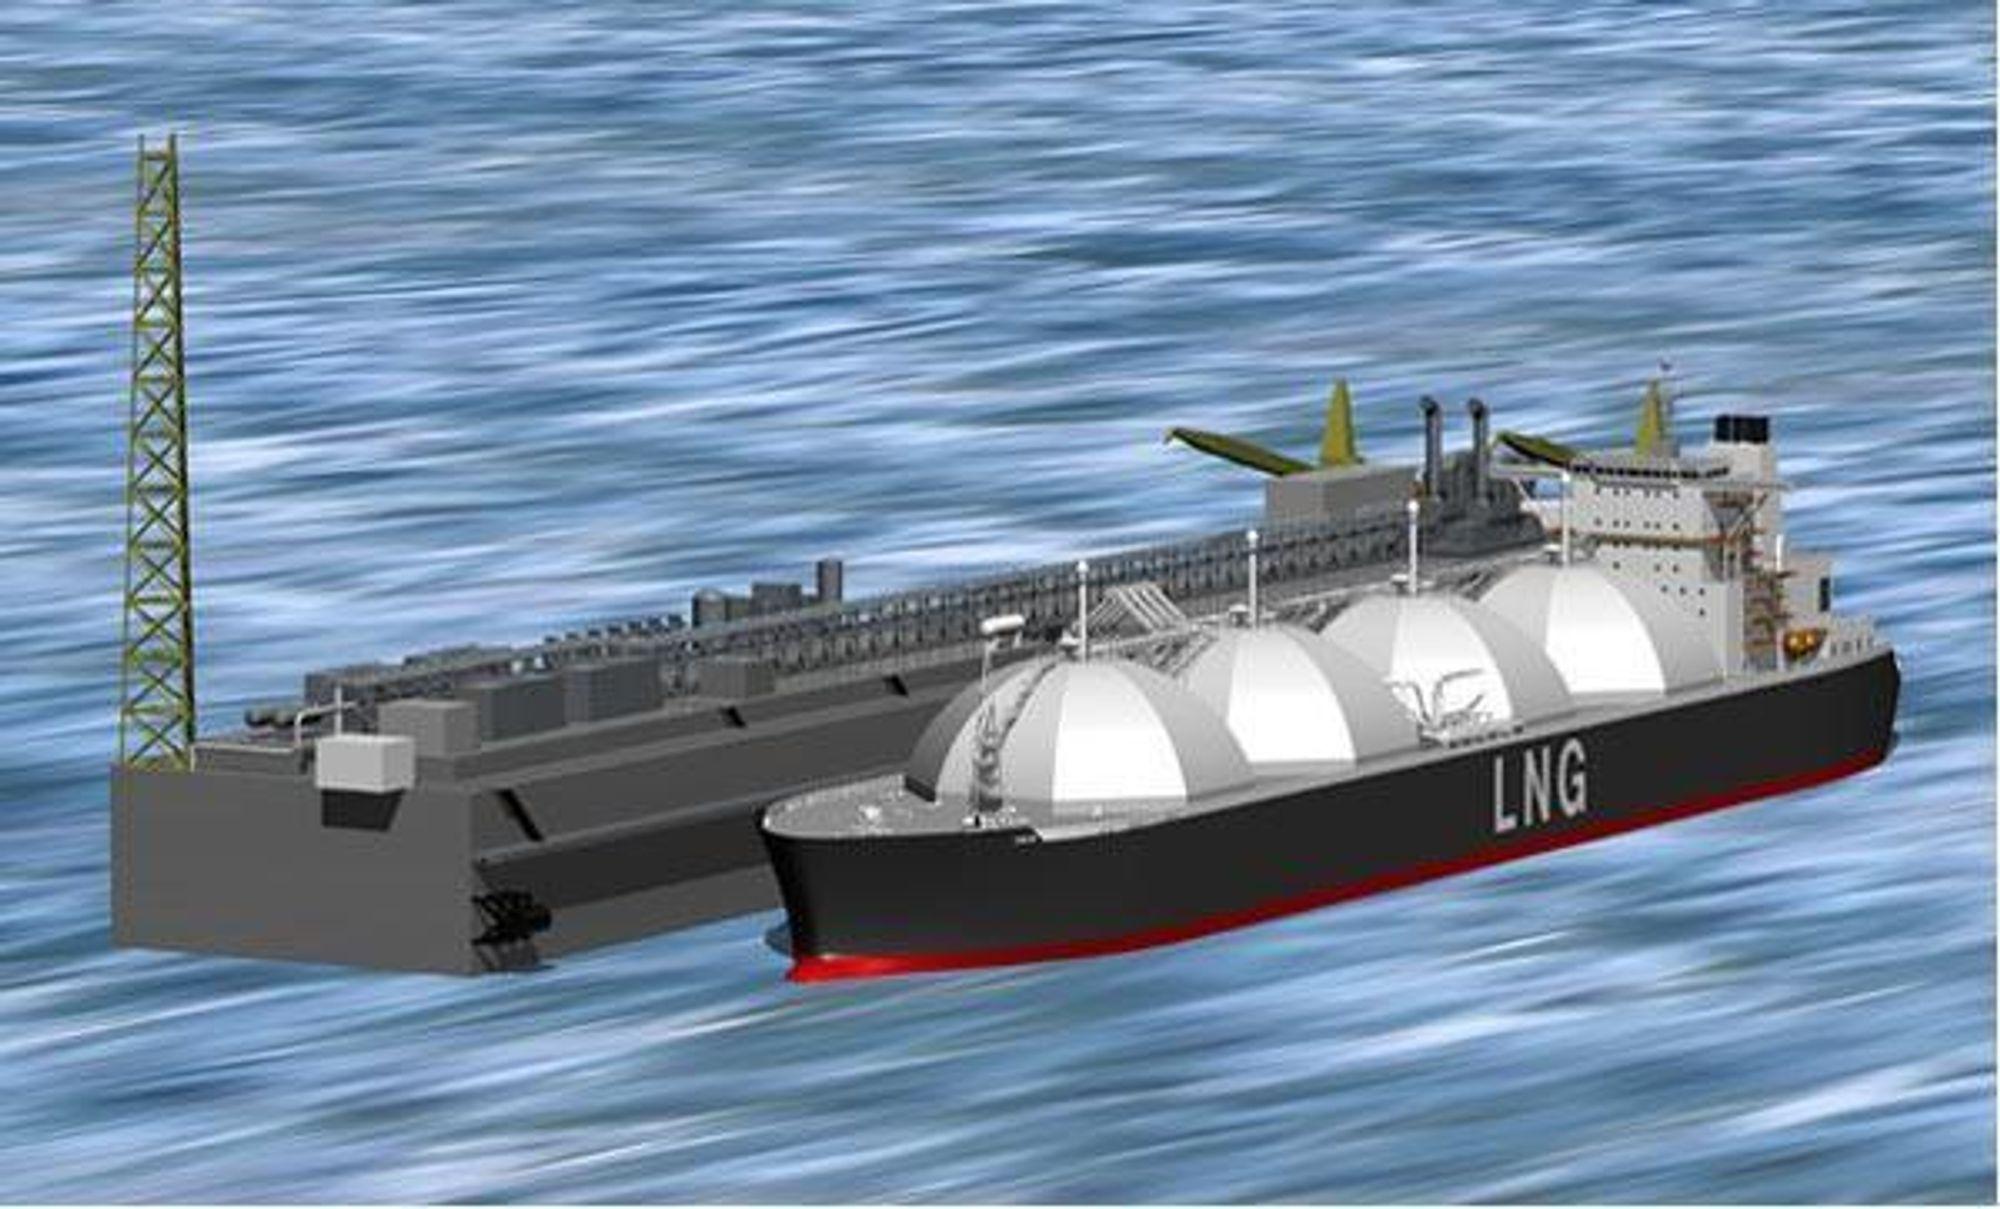 FLERE I SIKTE Aker Kværner prosjekterer LNG-terminaler både utenfor Italias kyst og i Mexico. ILL: CHEVRON TEXACO